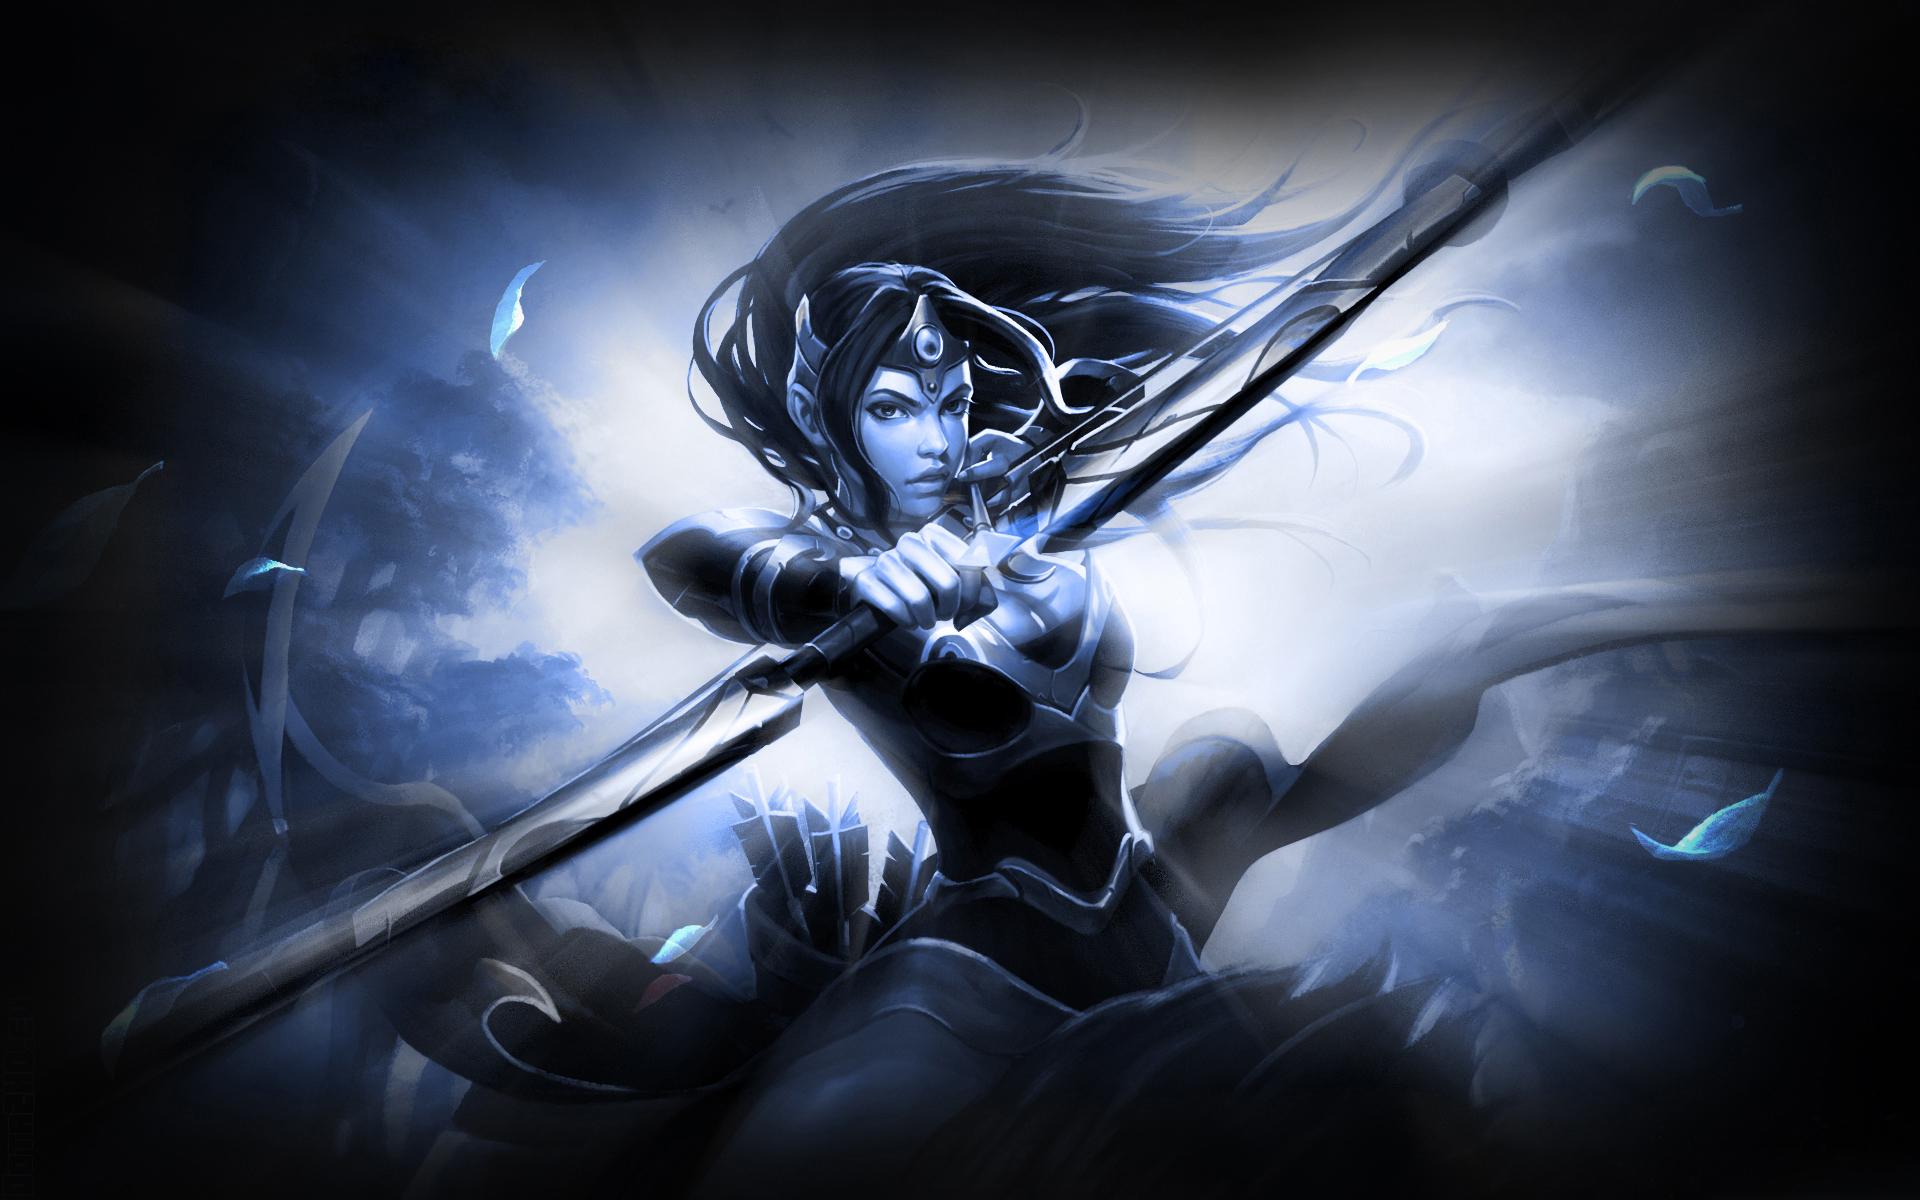 онлайн игра, Dota2, героиня